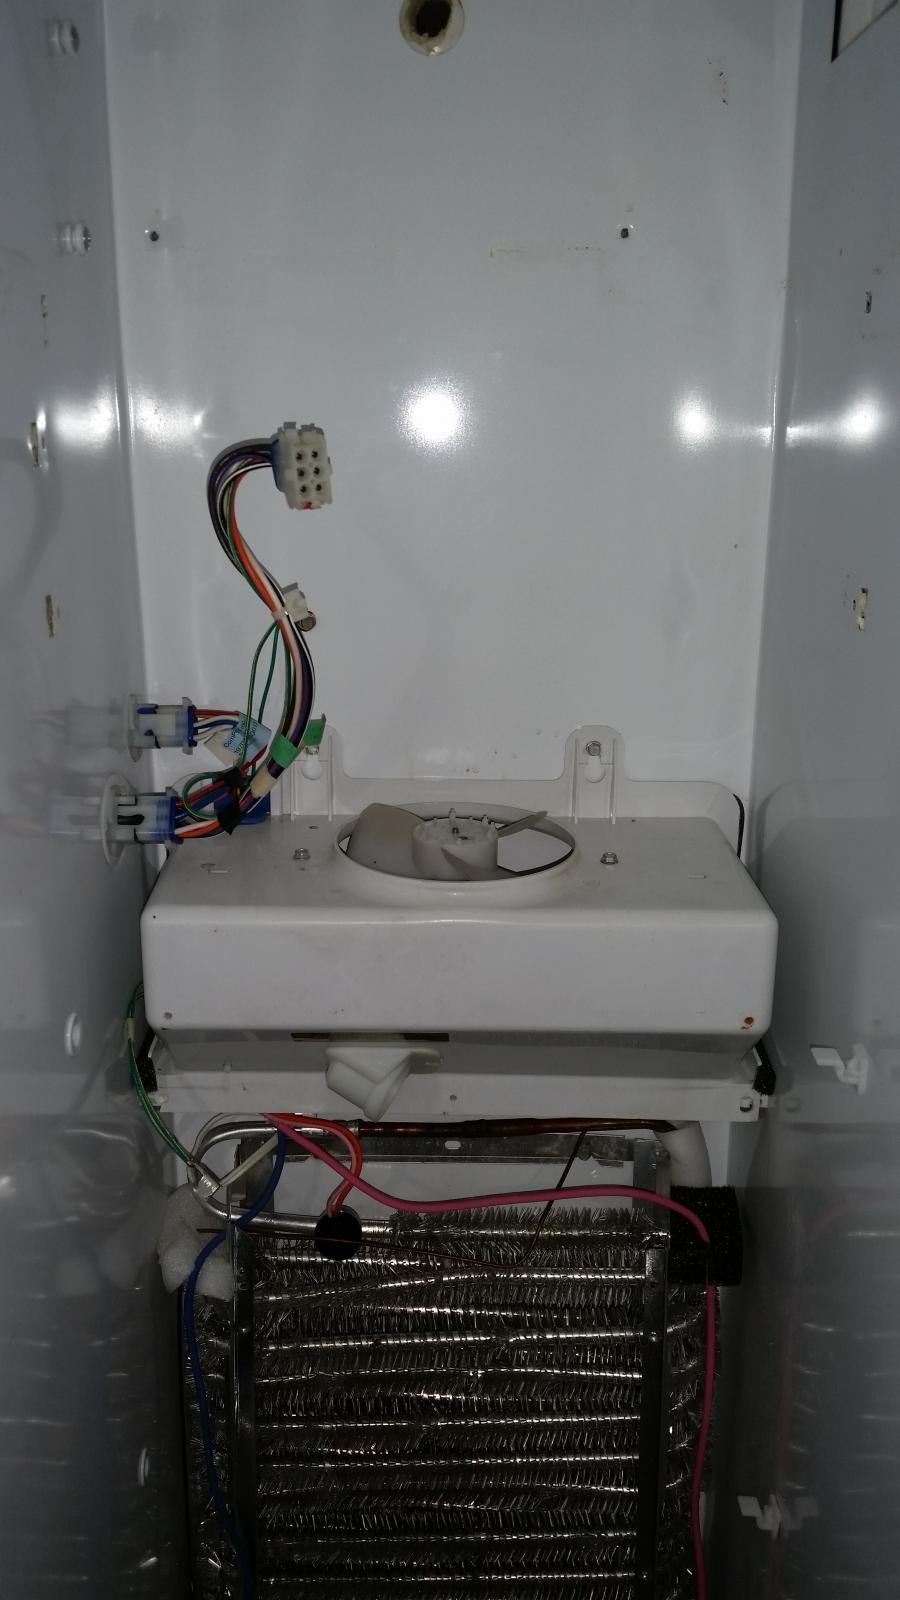 Wiring help please, side-by-side fermentation/ kegerator ...